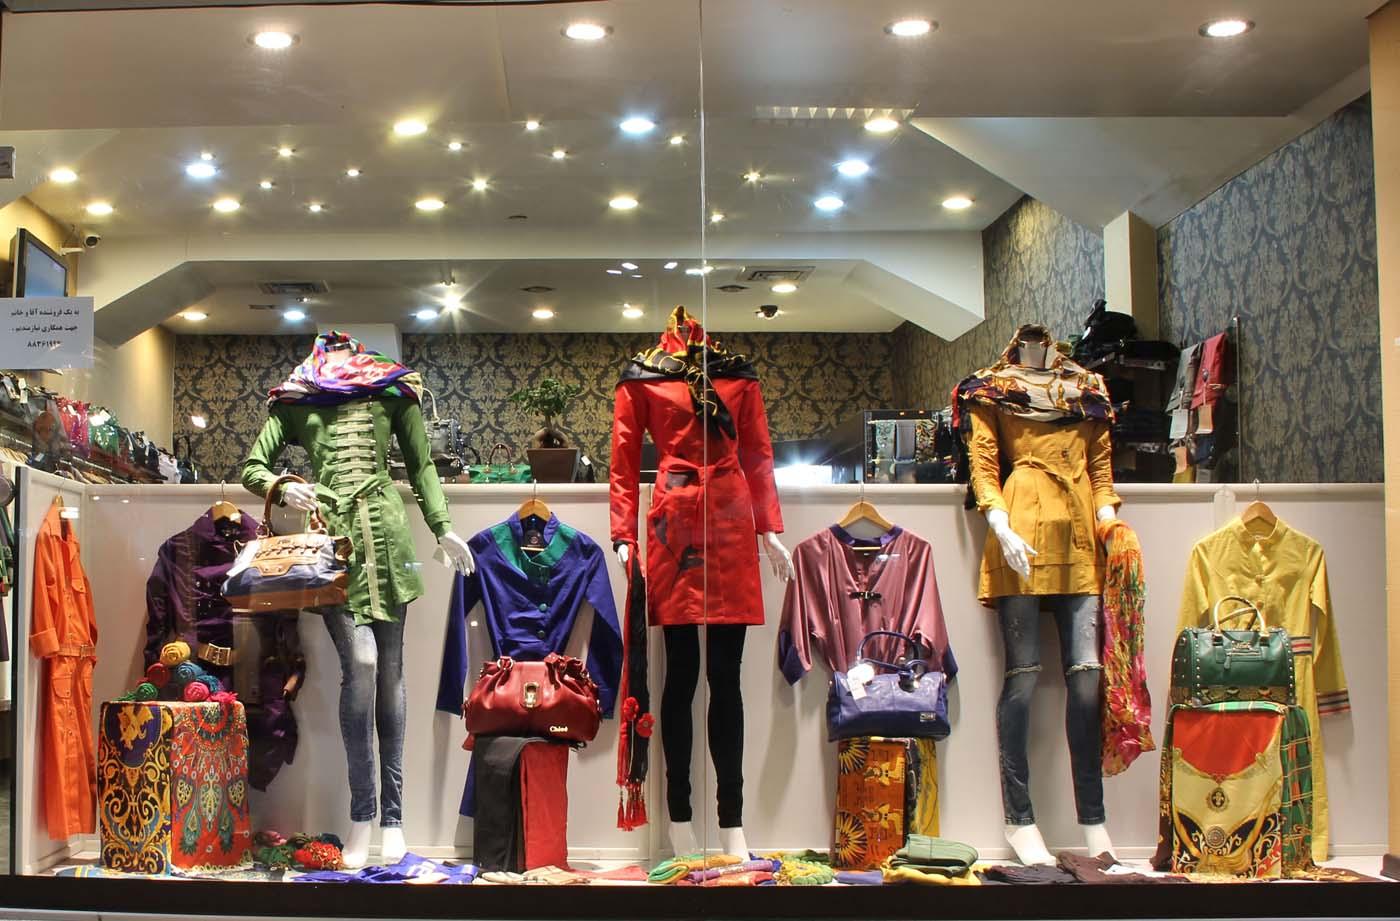 پوشاک وارداتی کدگذاری میشود/ شناسایی تولیدکنندگان معتبر با کدگذاری